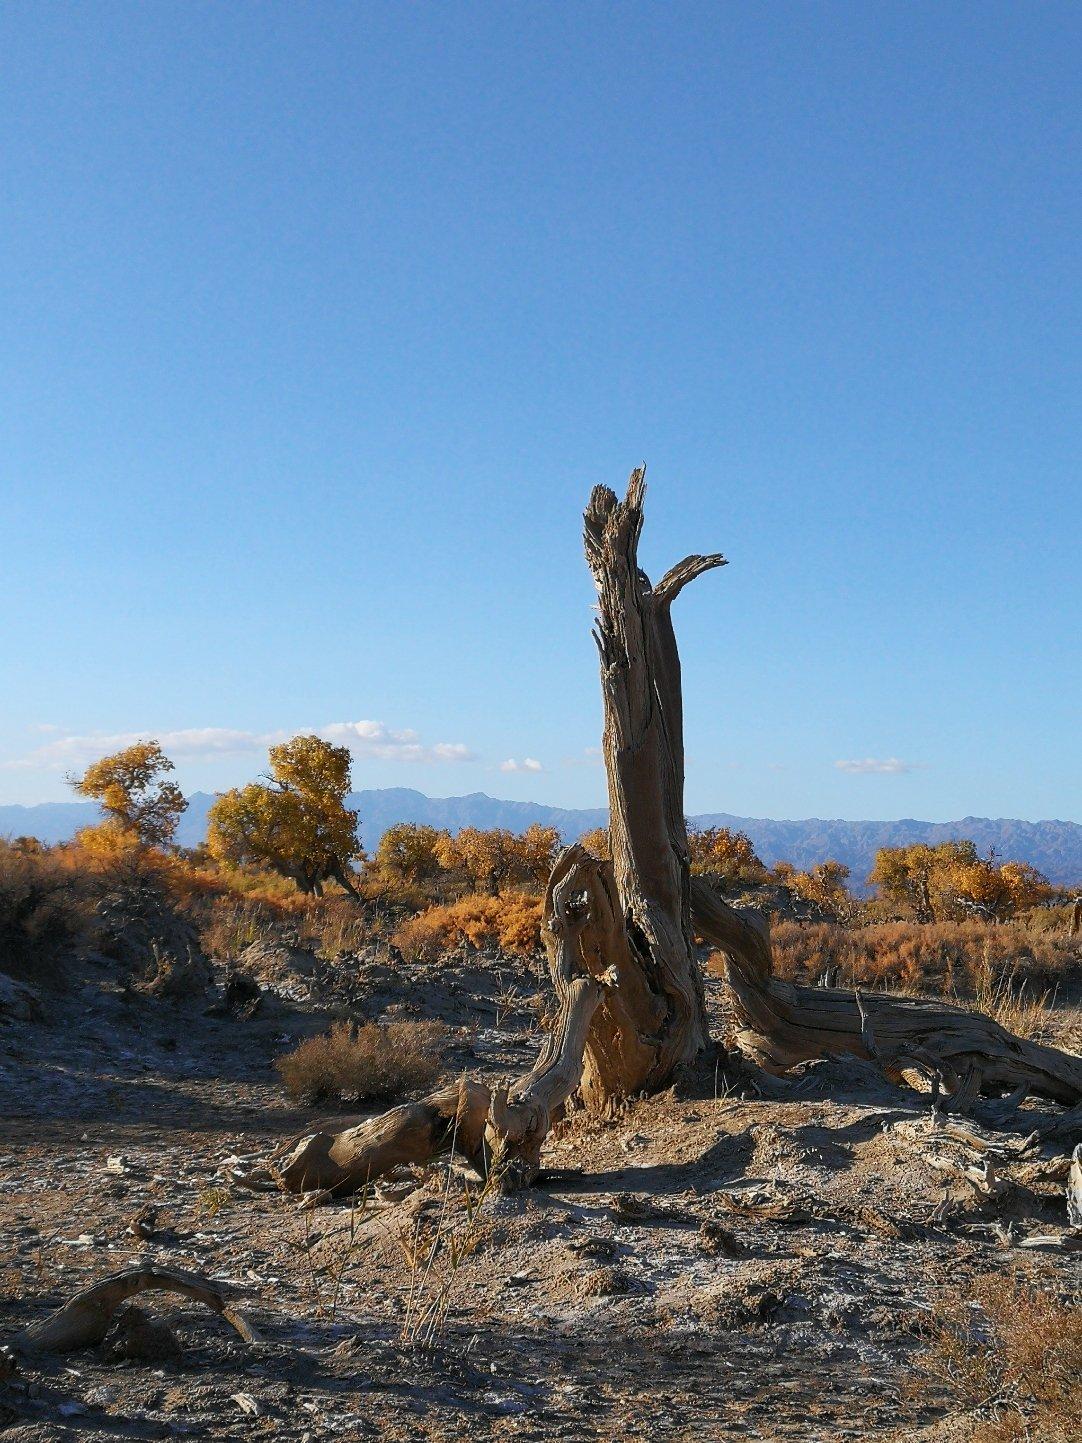 新疆维吾尔自治区昌吉回族自治州木垒哈萨克自治县192县道靠近世纪酒店天气预报